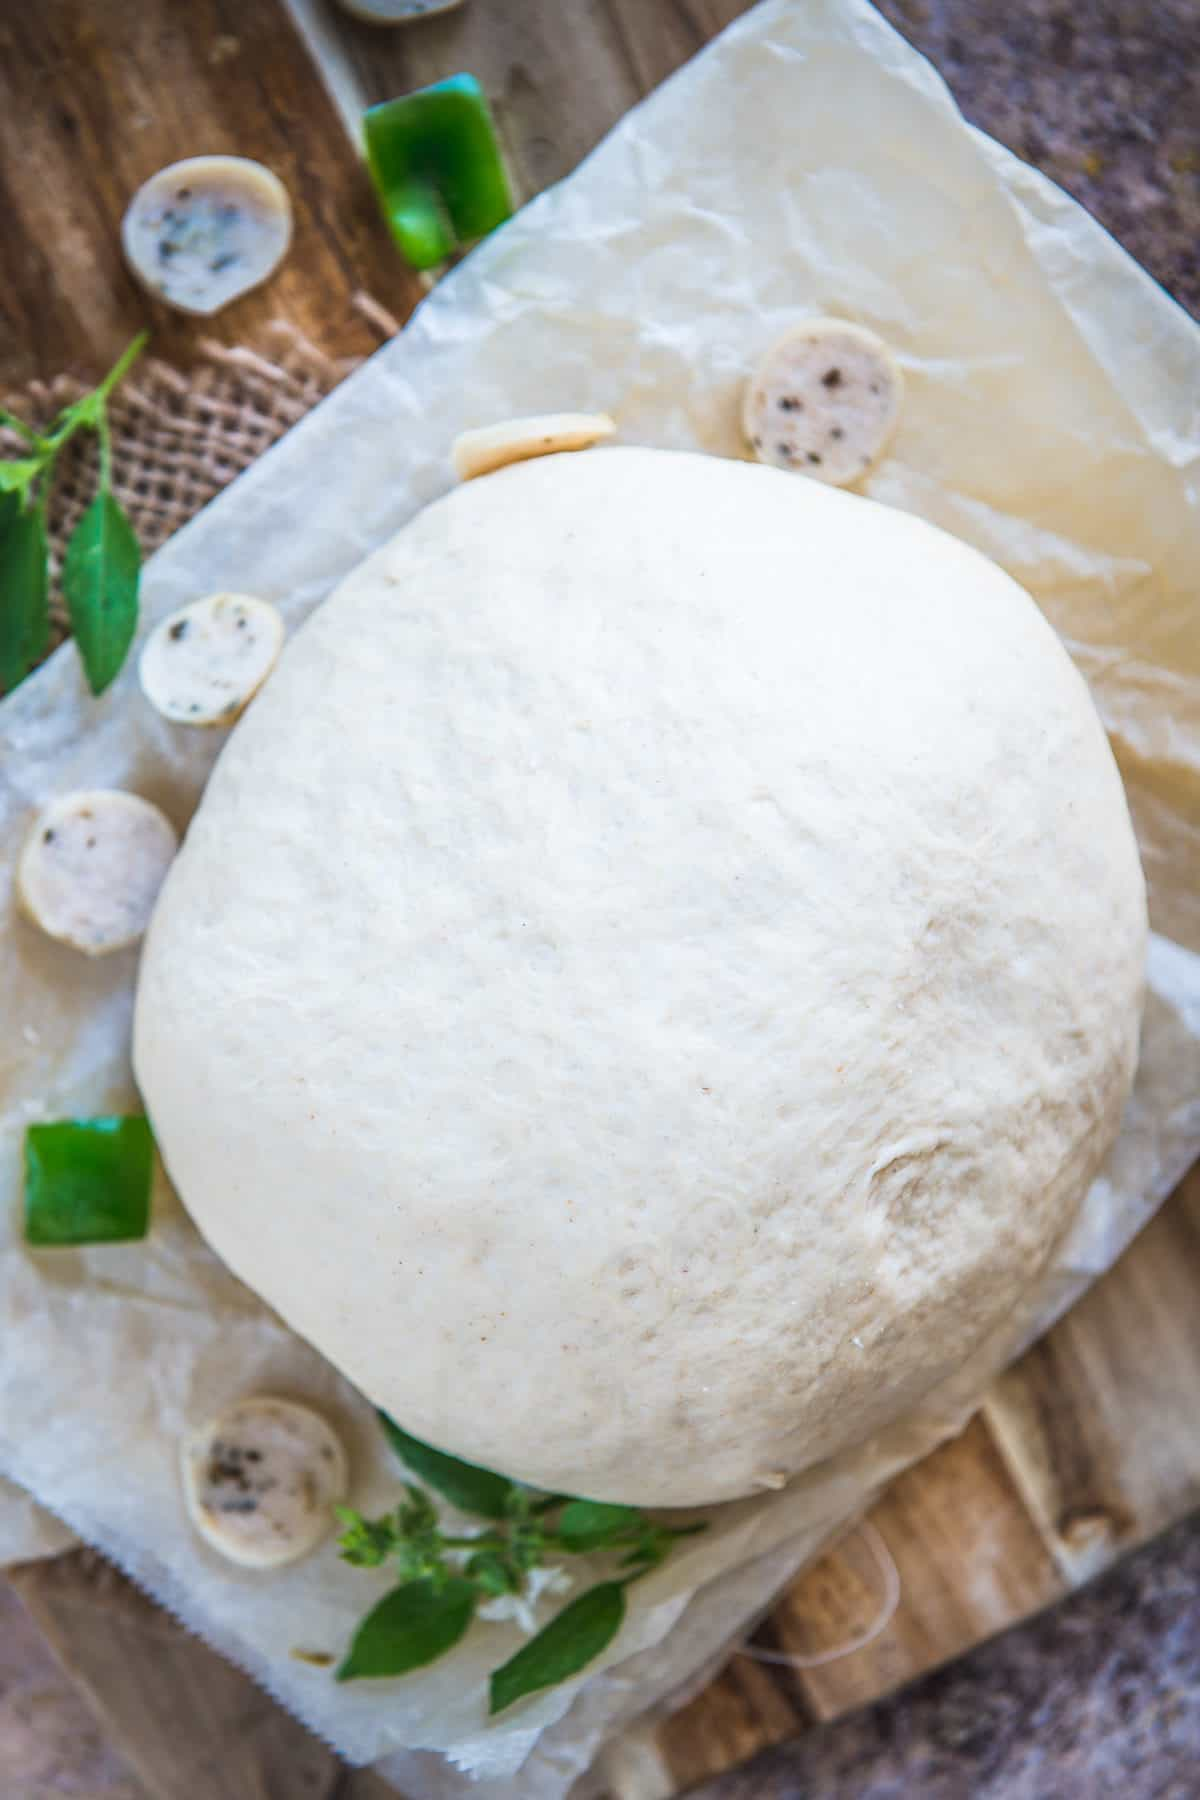 Pizza Dough kept on a parchment paper.